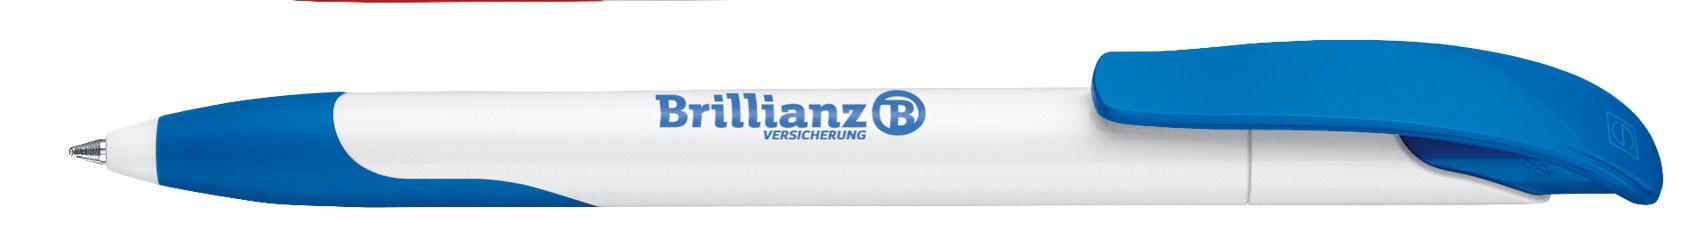 Stylo publicitaire écologique Challenger Polished avec grip fabriqué en Europe